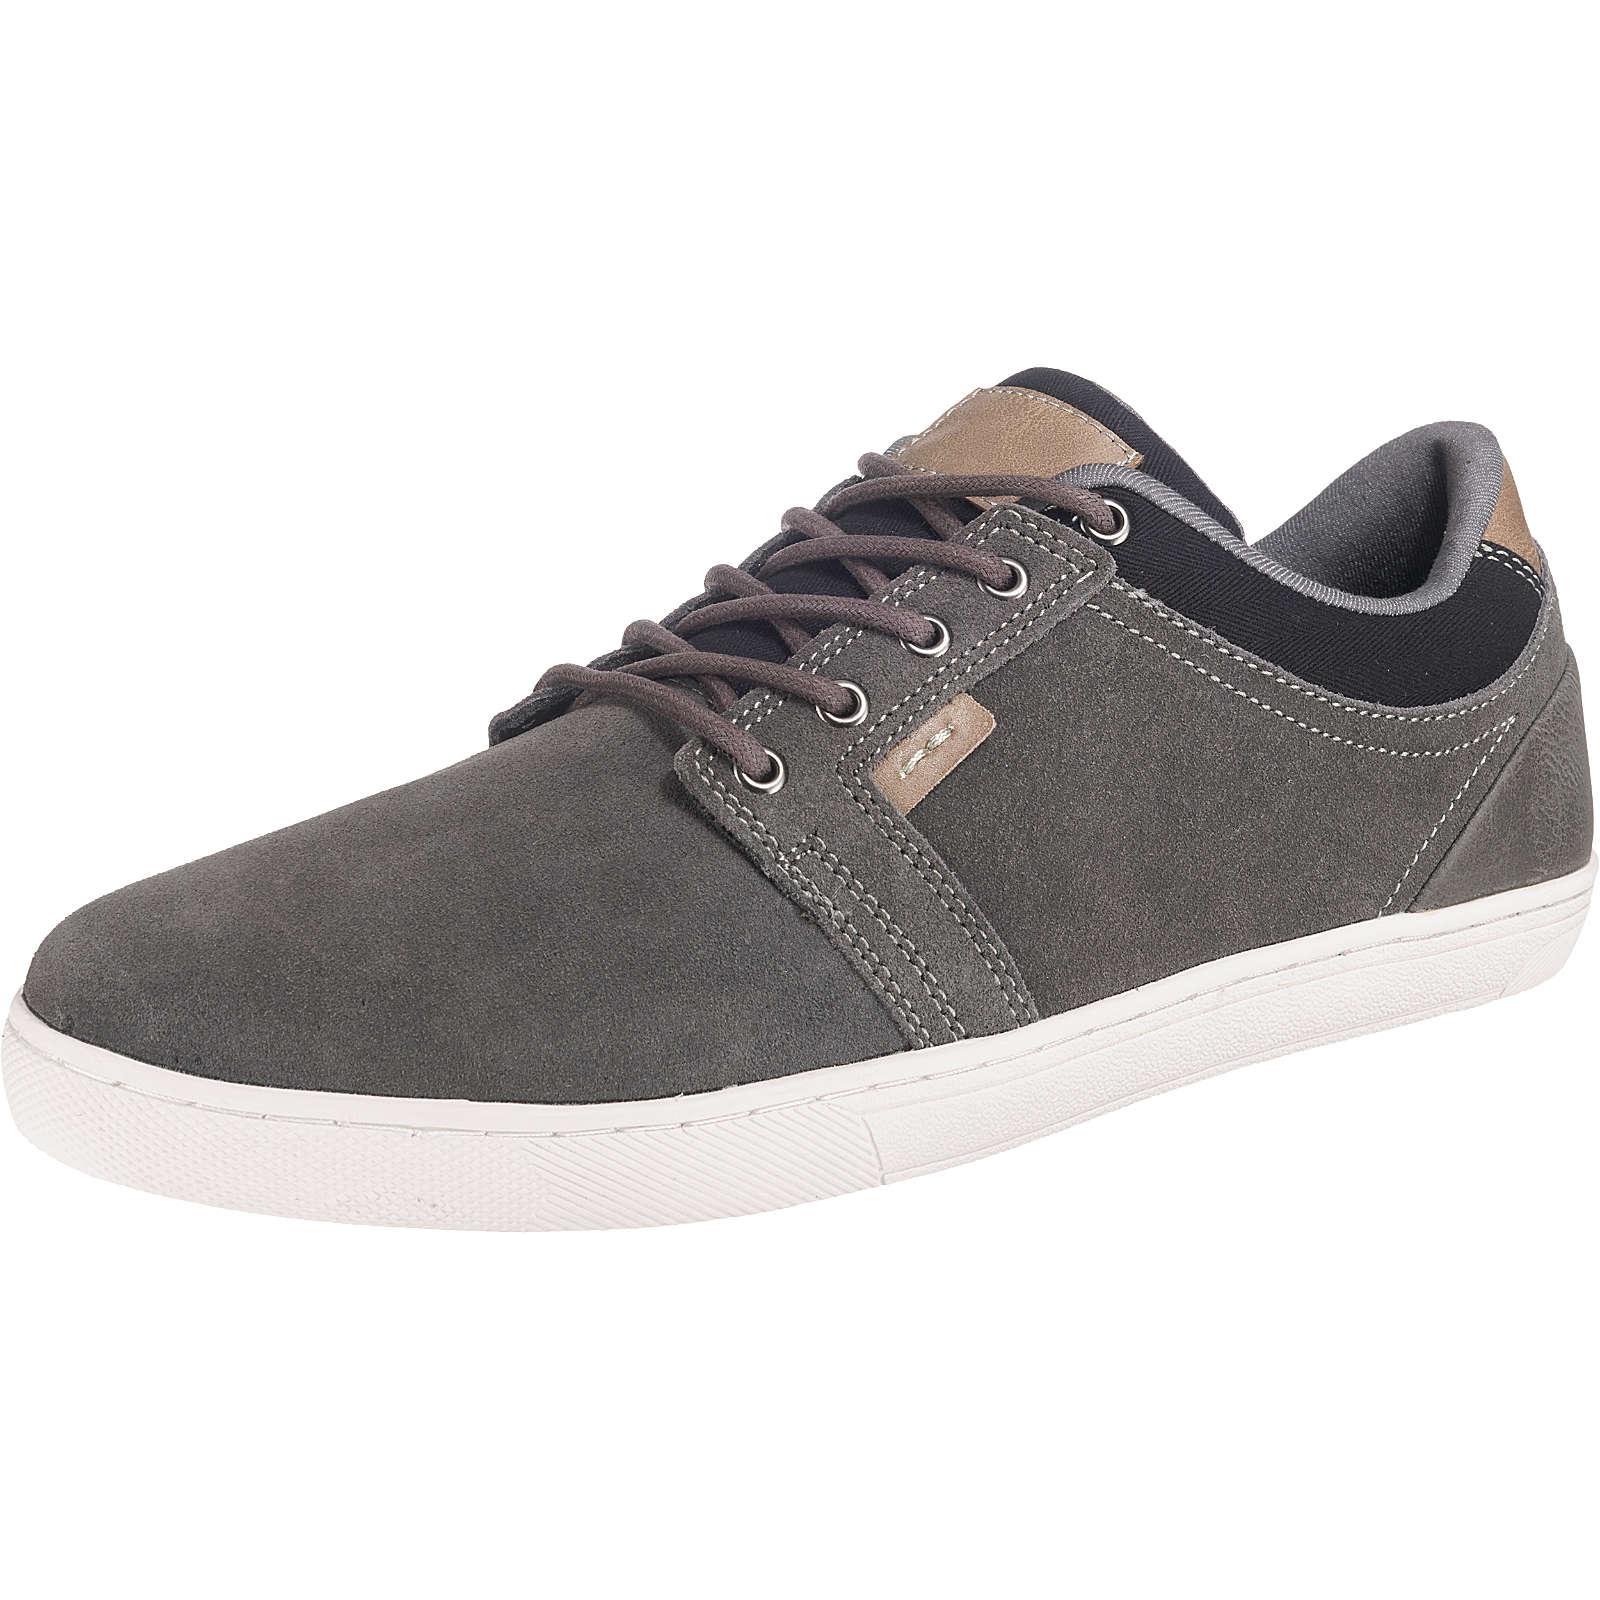 pier one sneakers low grau g nstig schnell einkaufen. Black Bedroom Furniture Sets. Home Design Ideas